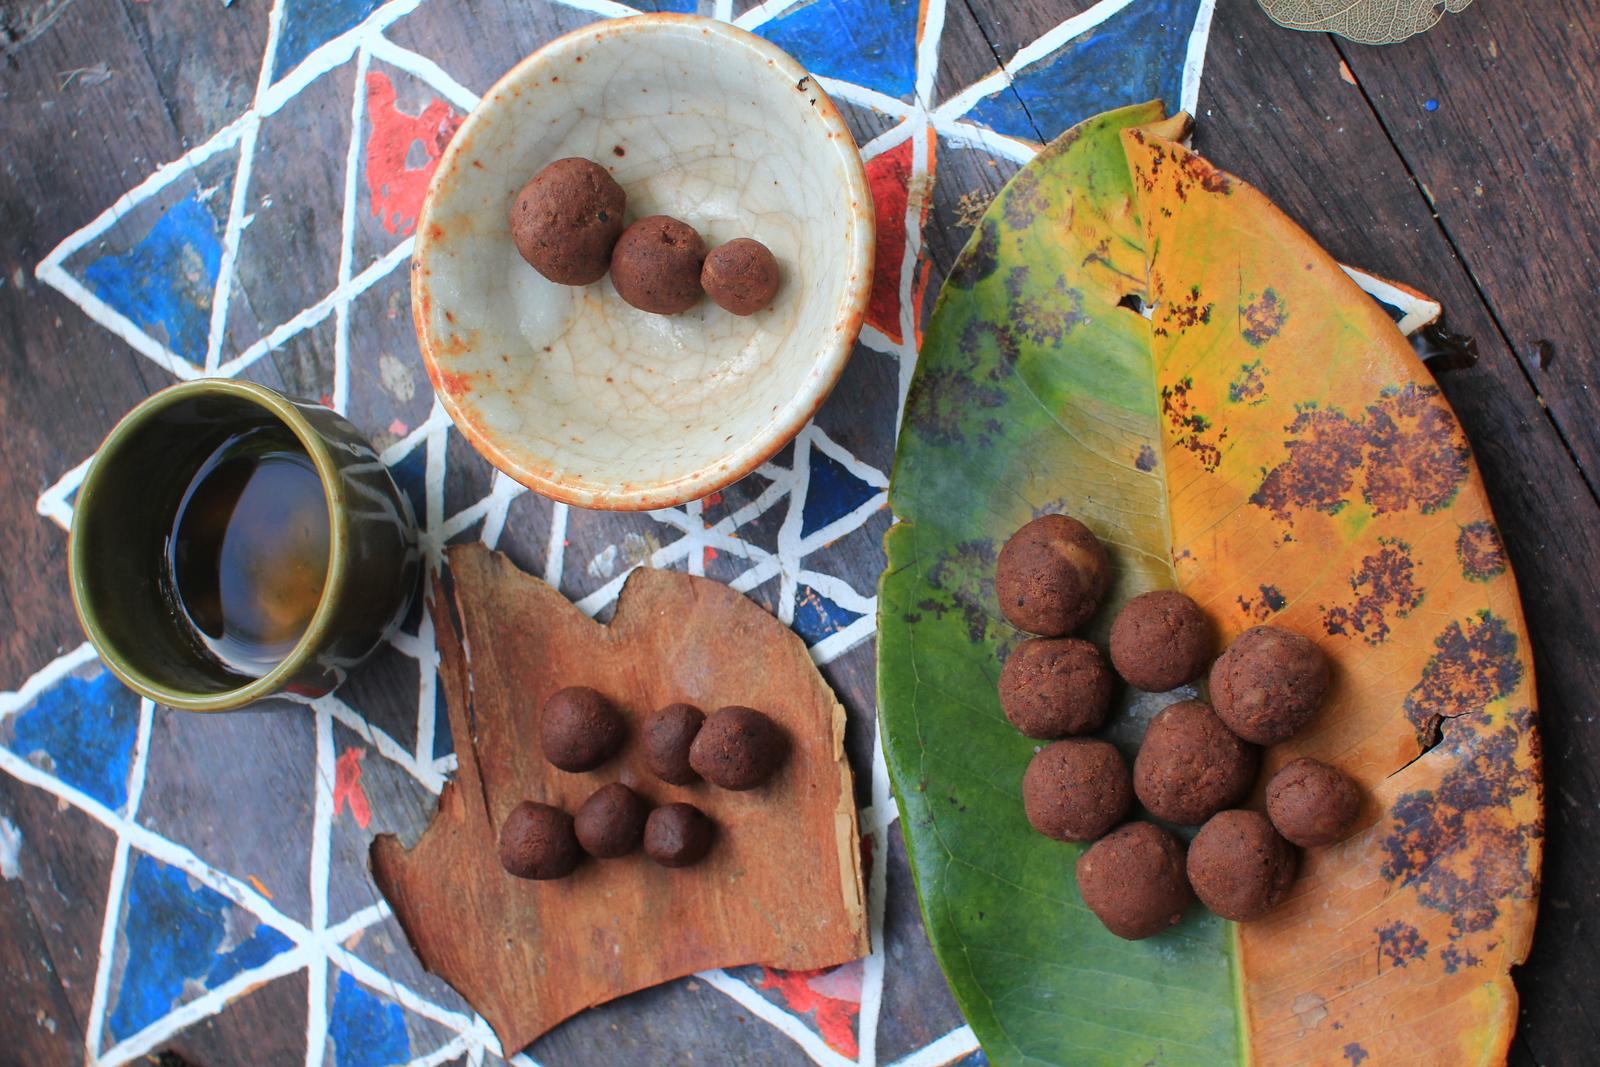 homemade chocolate balls